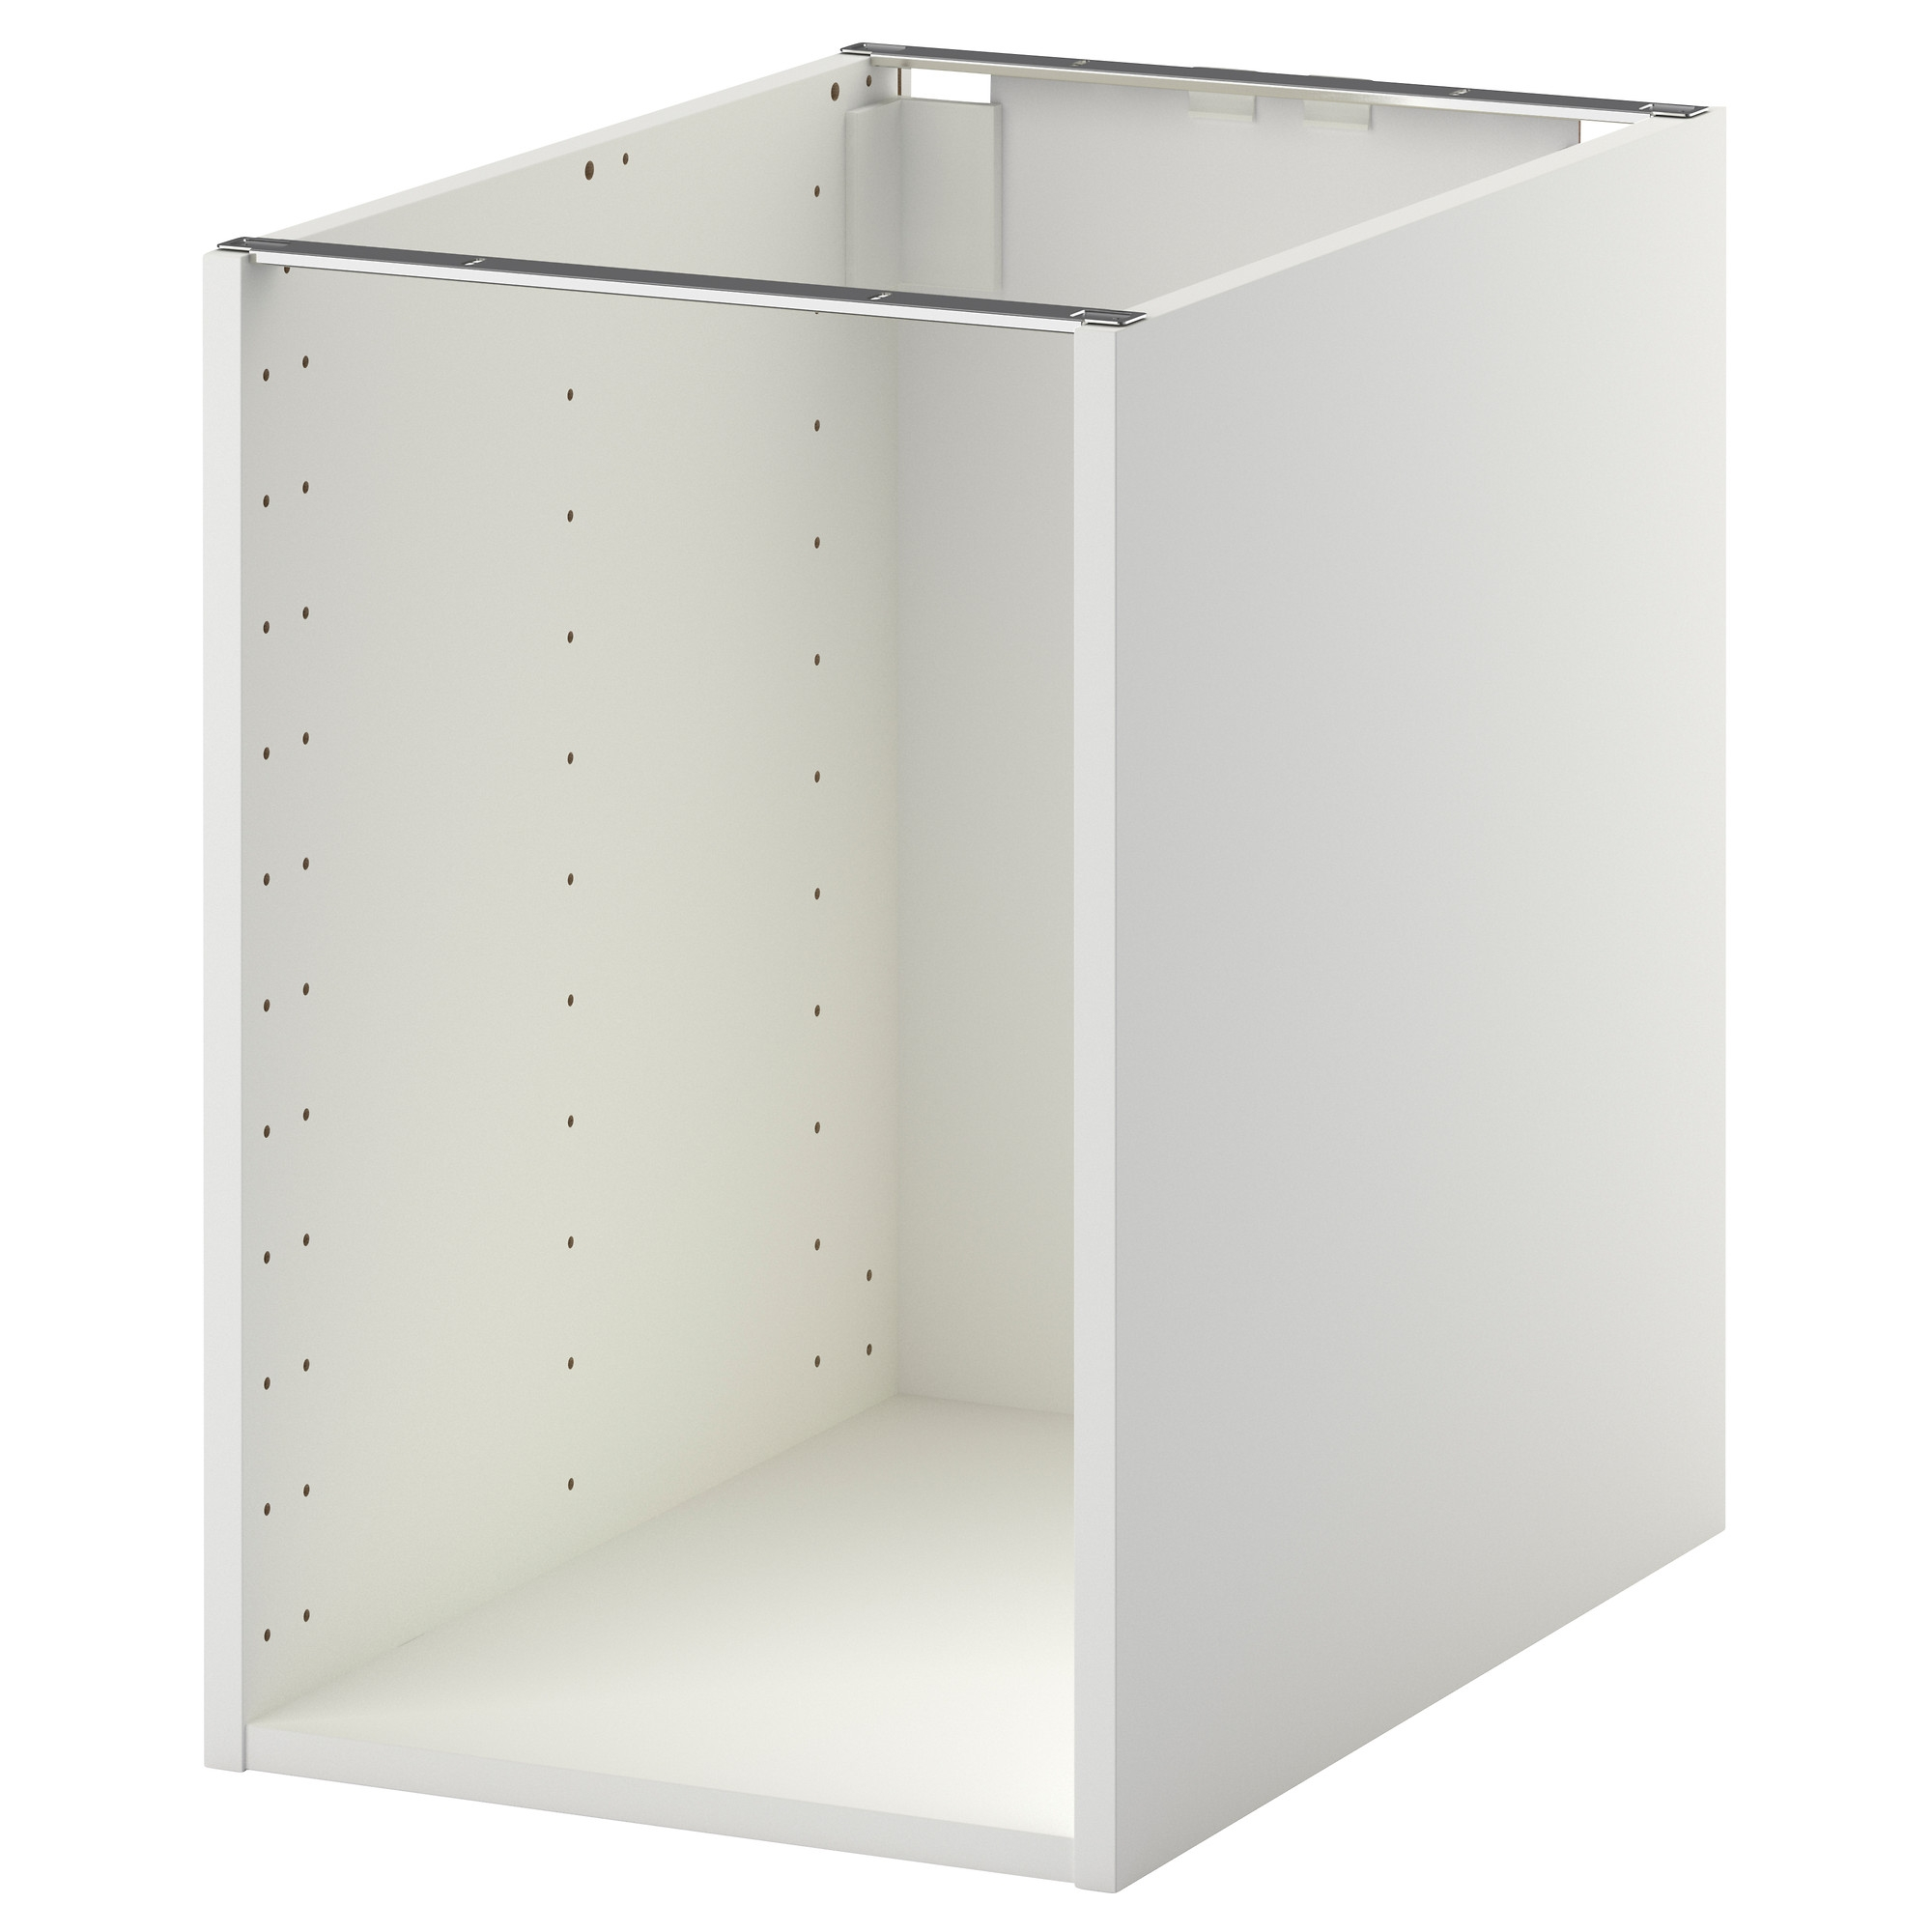 Metod estructura armario bajo - Armarios de cocina ikea ...